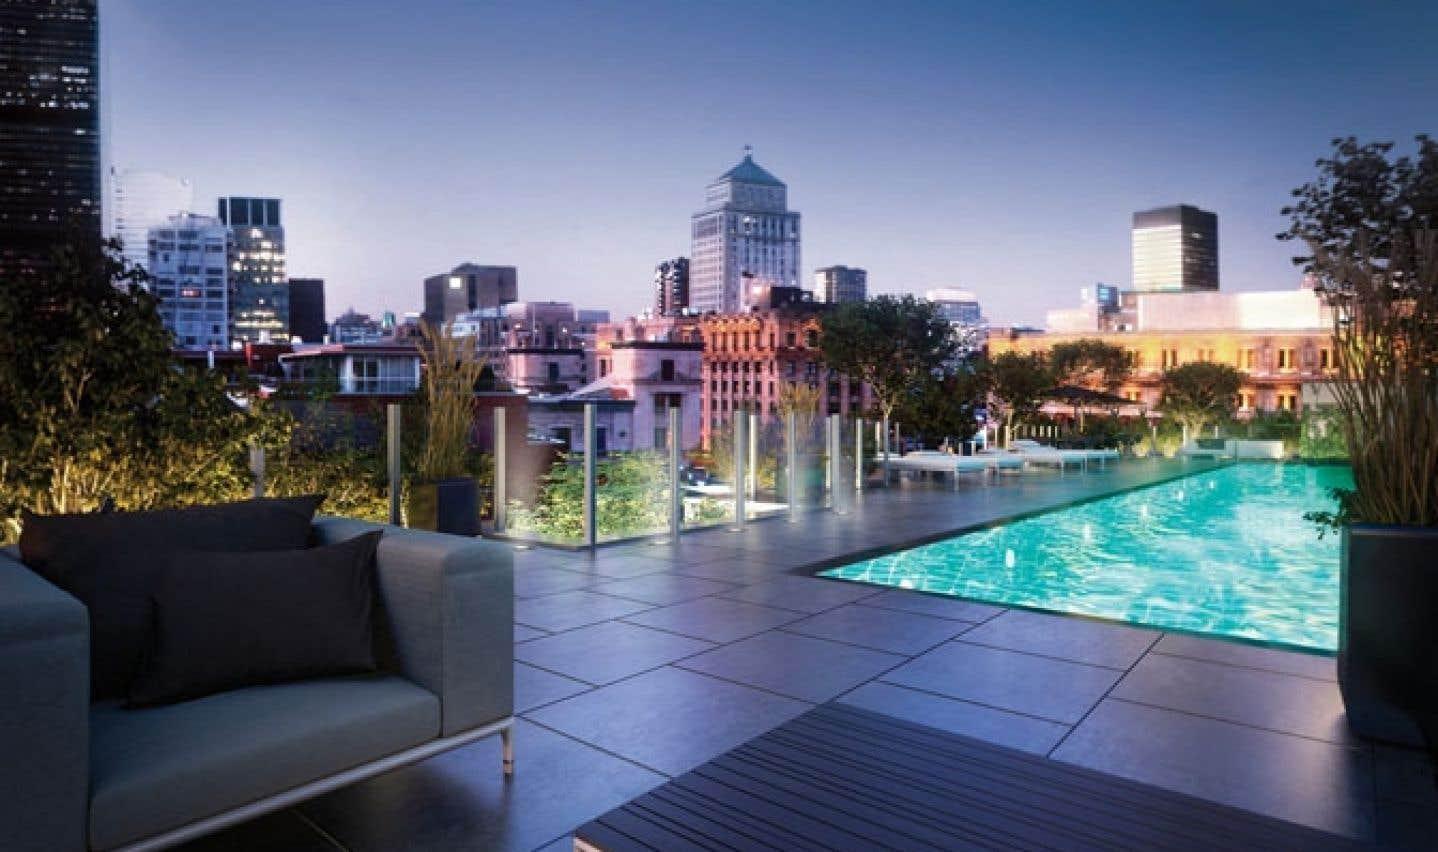 Les résidants du Sax Vieux-Montréal pourront se réunir sur le toit de l'immeuble autour de la piscine extérieure.